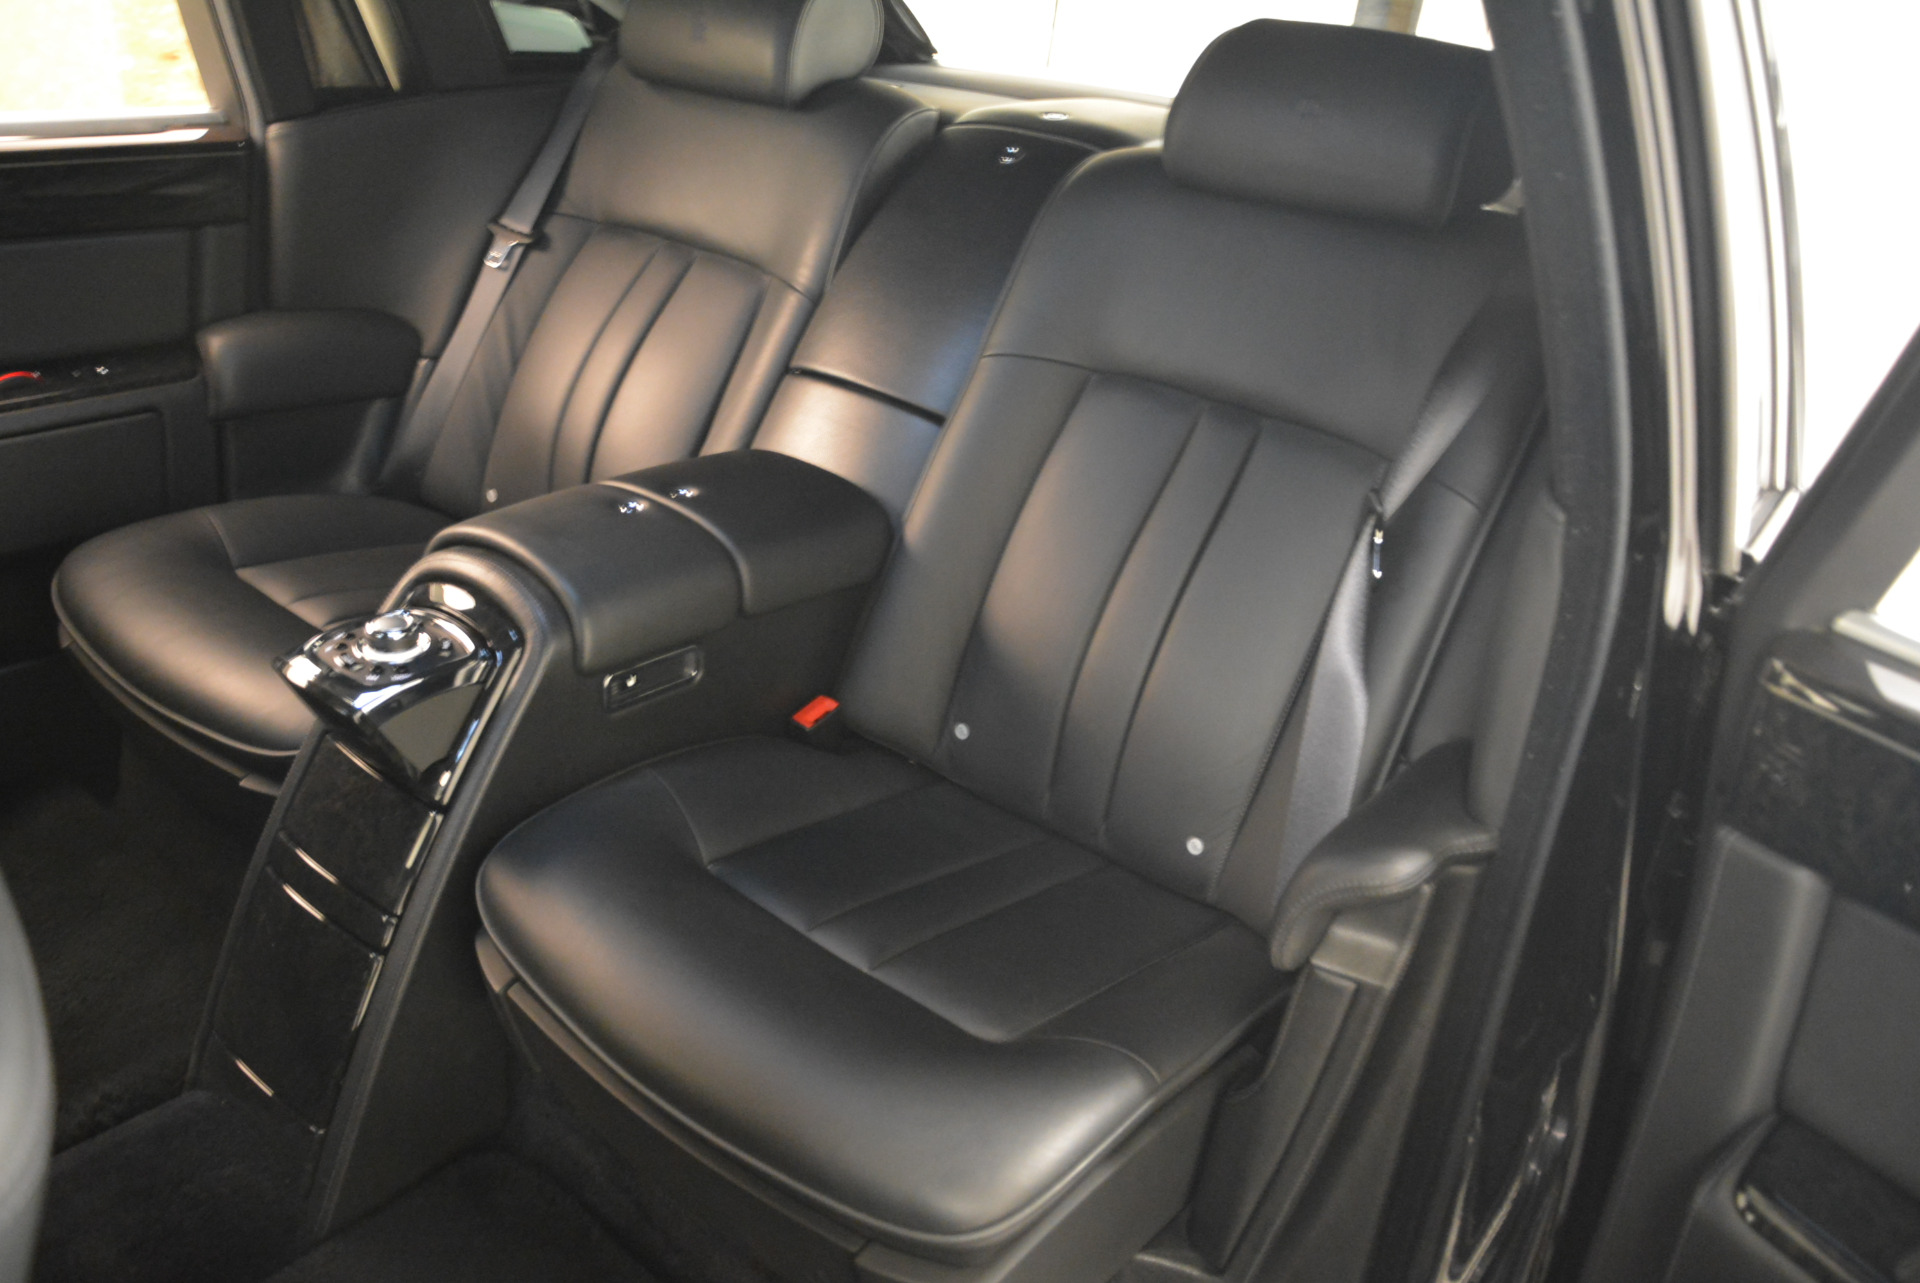 Used 2014 Rolls-Royce Phantom EWB For Sale In Greenwich, CT 2051_p29